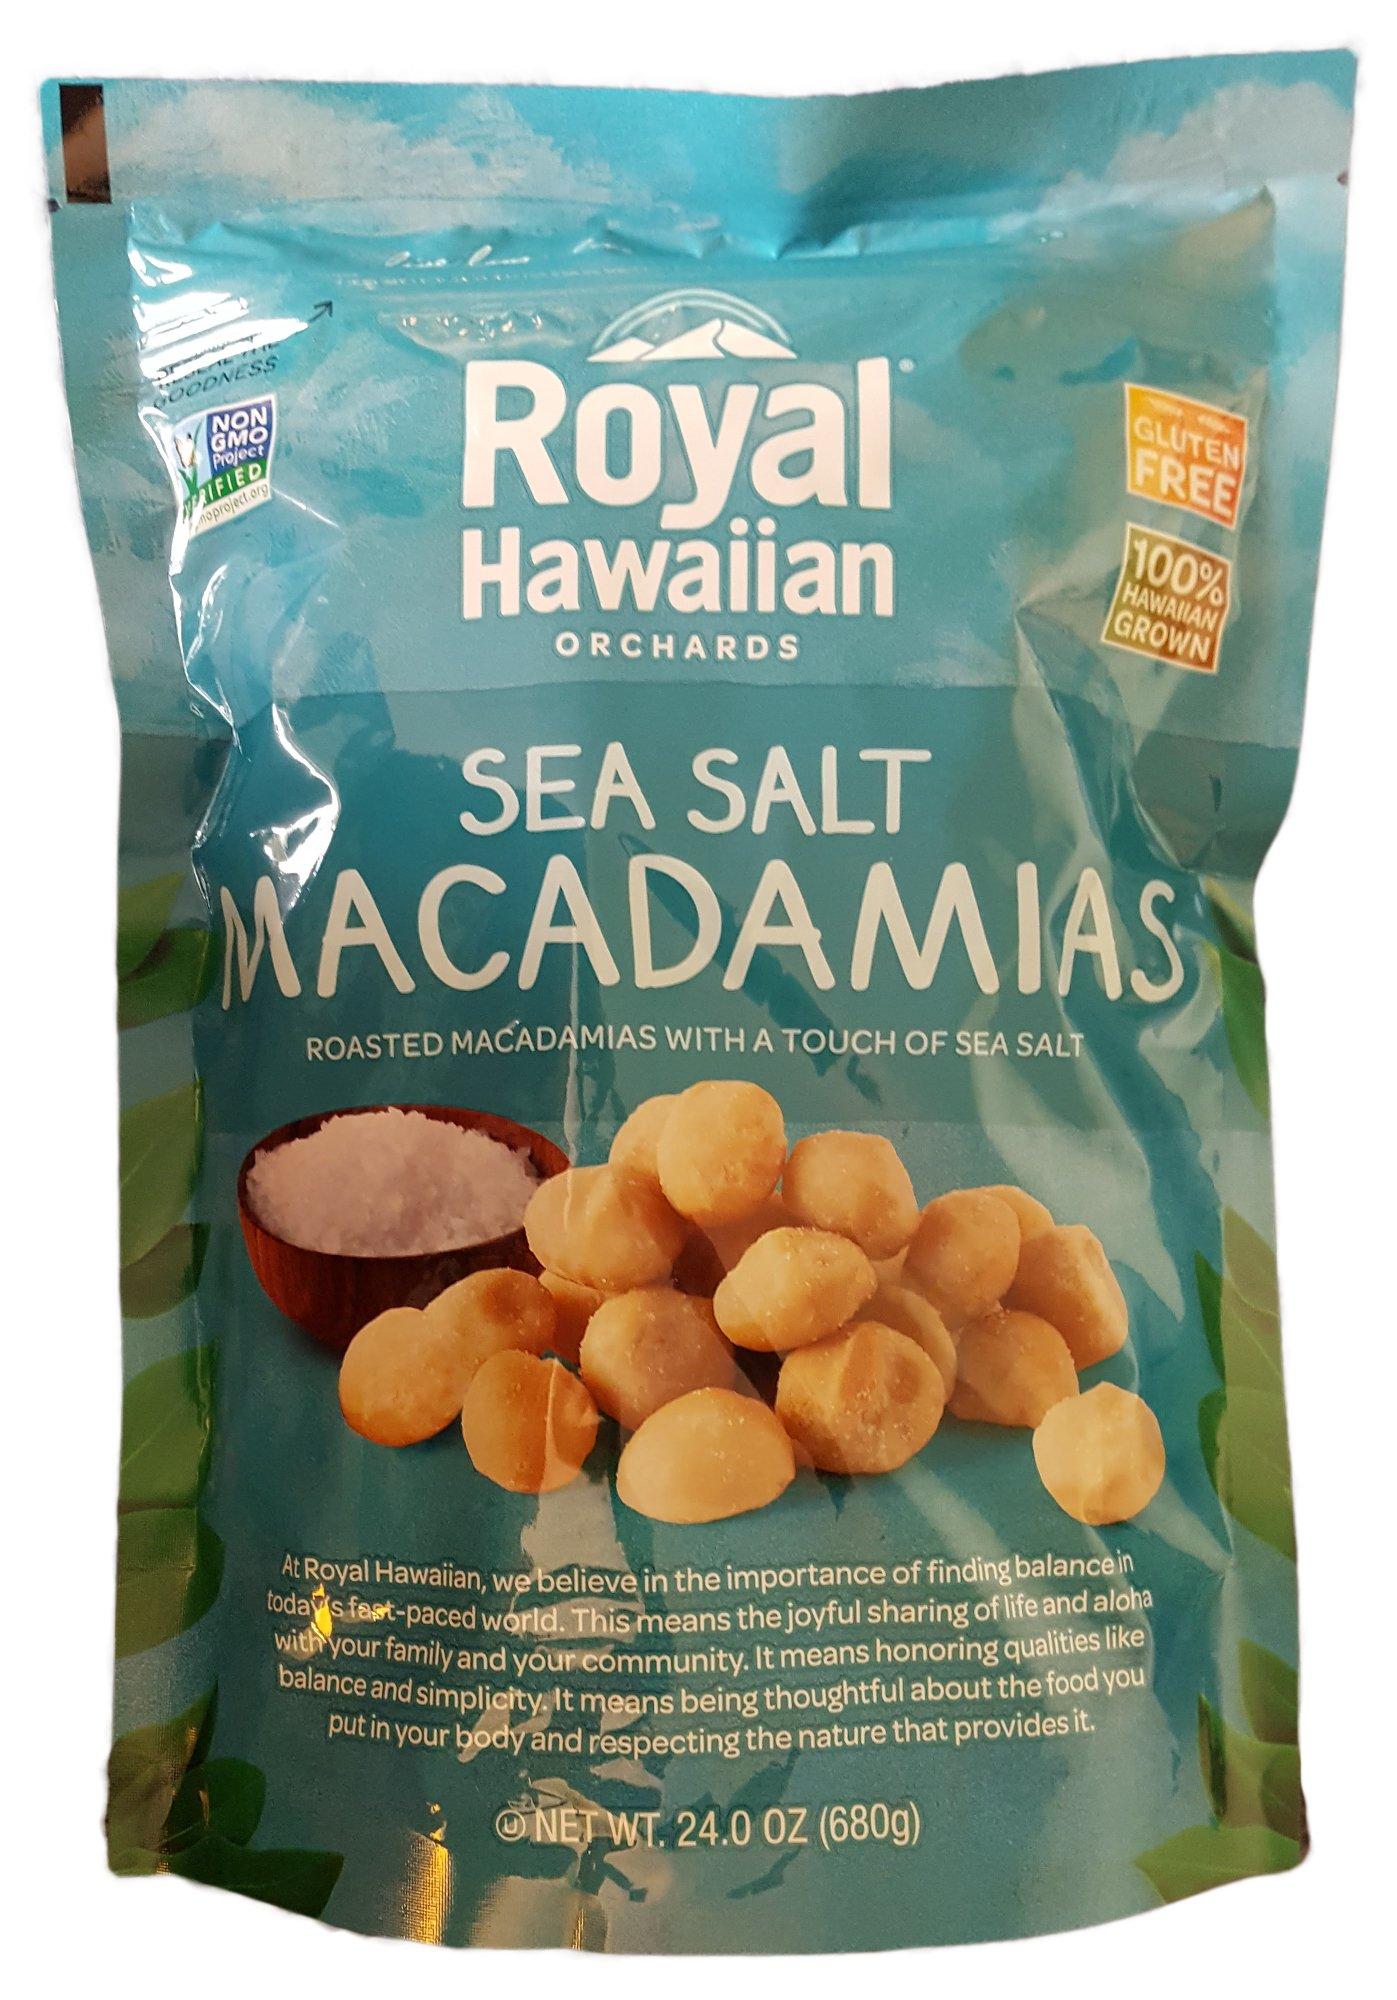 Royal Hawaiian Orchards Macadamias, Sea Salt Macadamia Nuts, 24 Ounces (680 Grams) by Royal Hawaiian Orchards